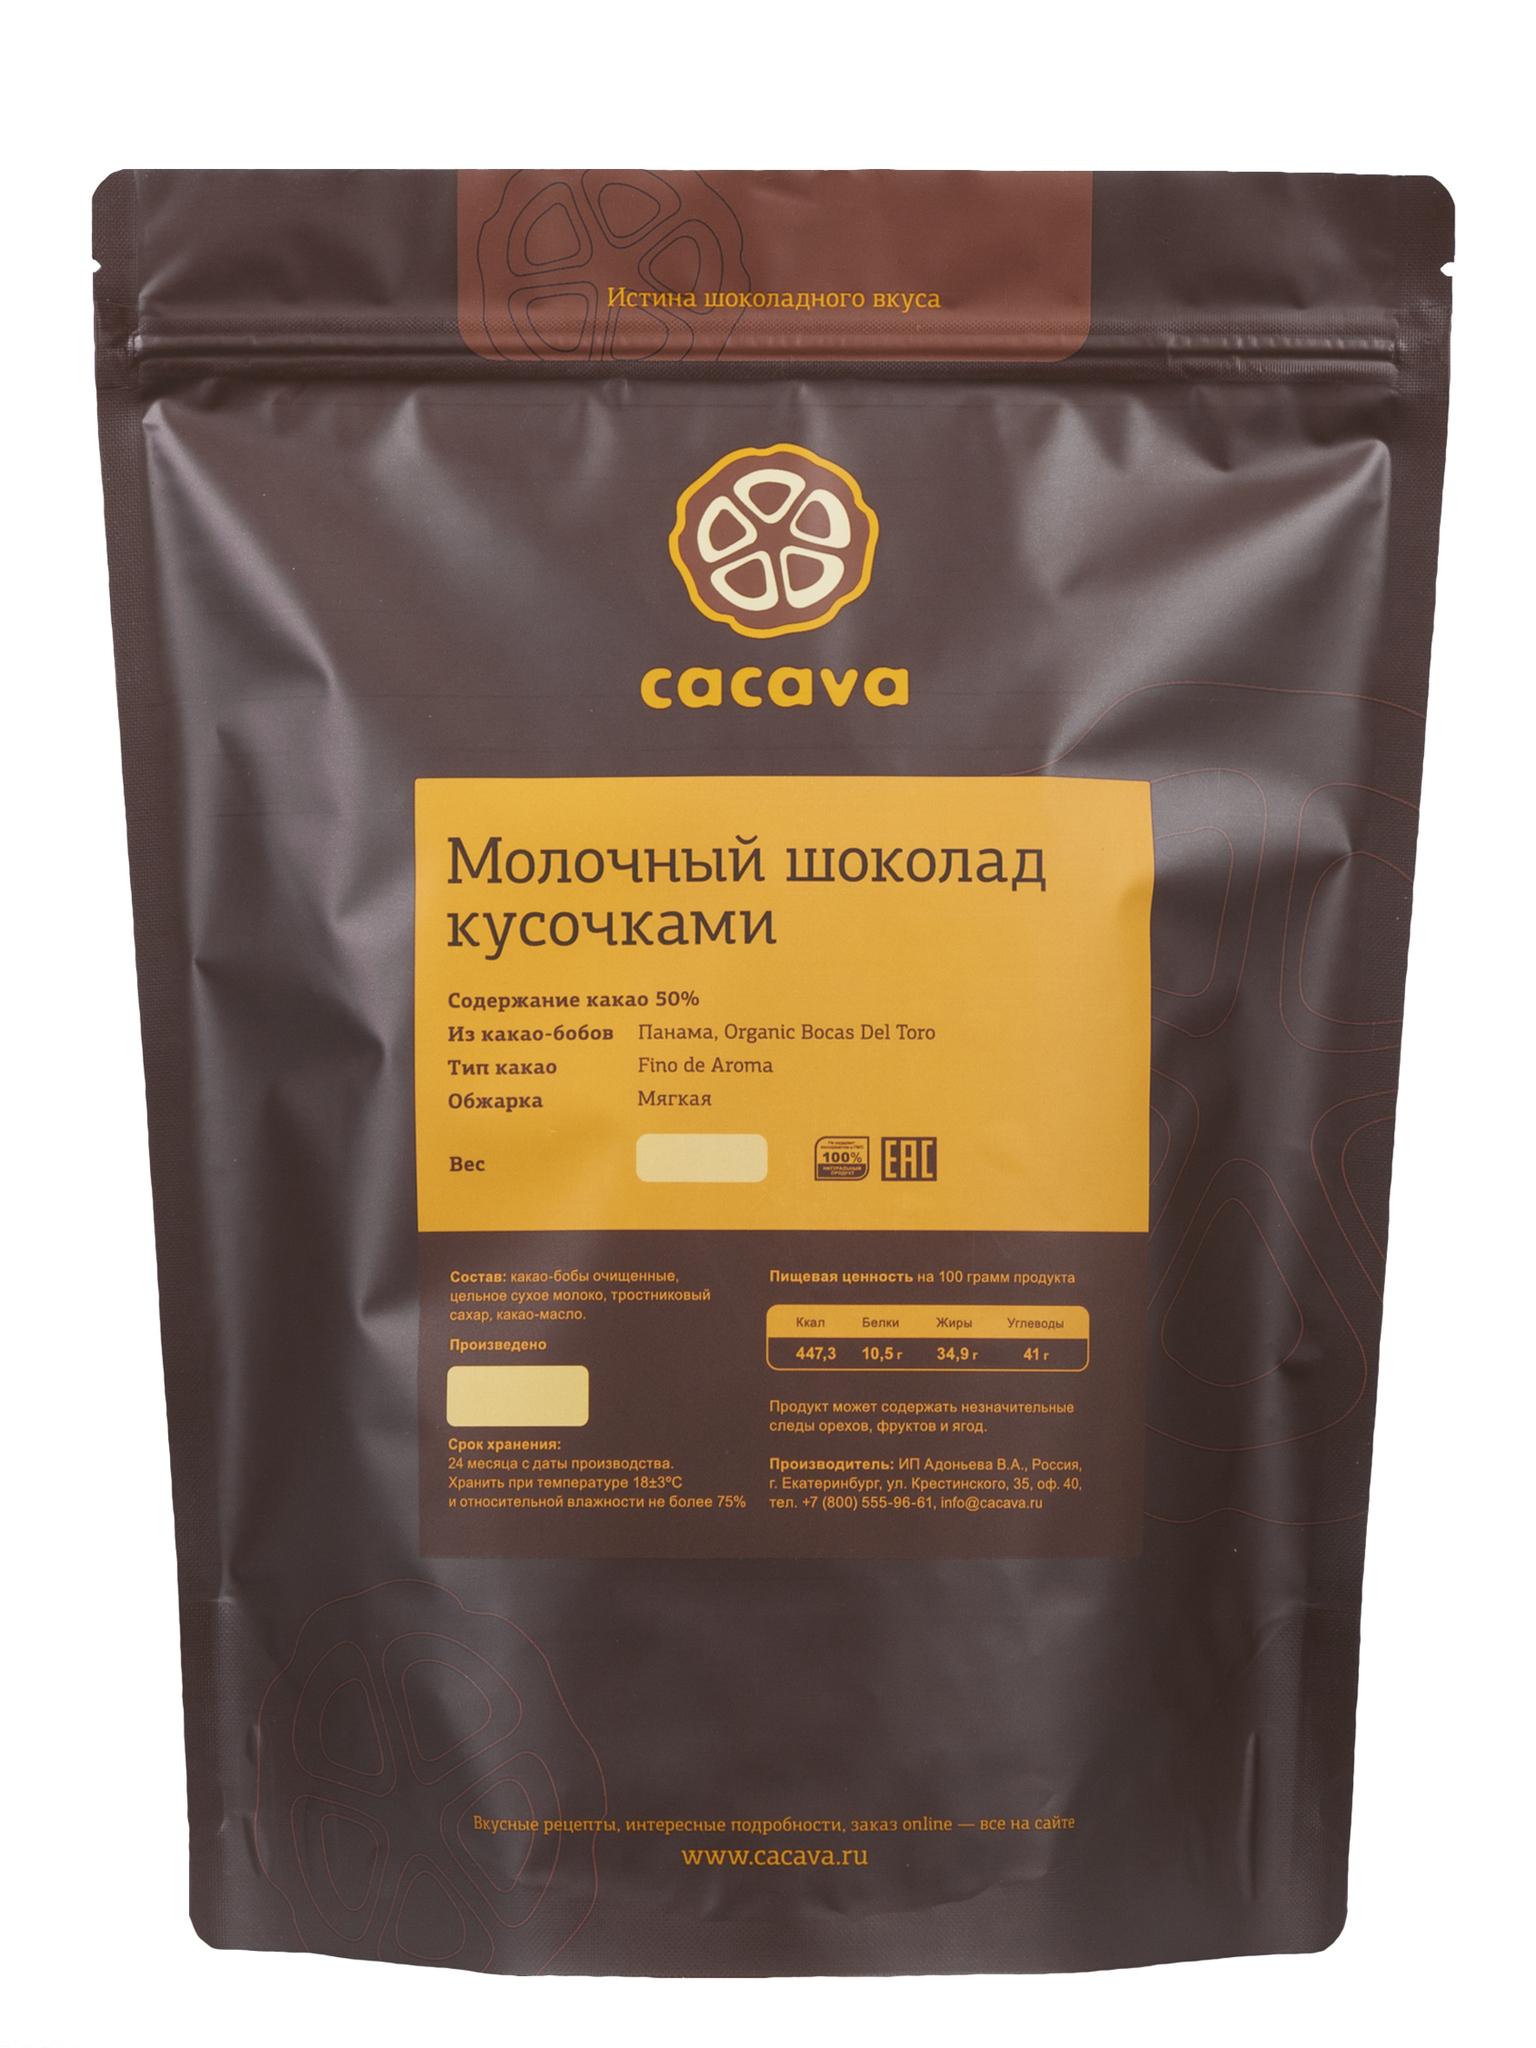 Молочный шоколад 50 % какао (Панама), упаковка 1 кг